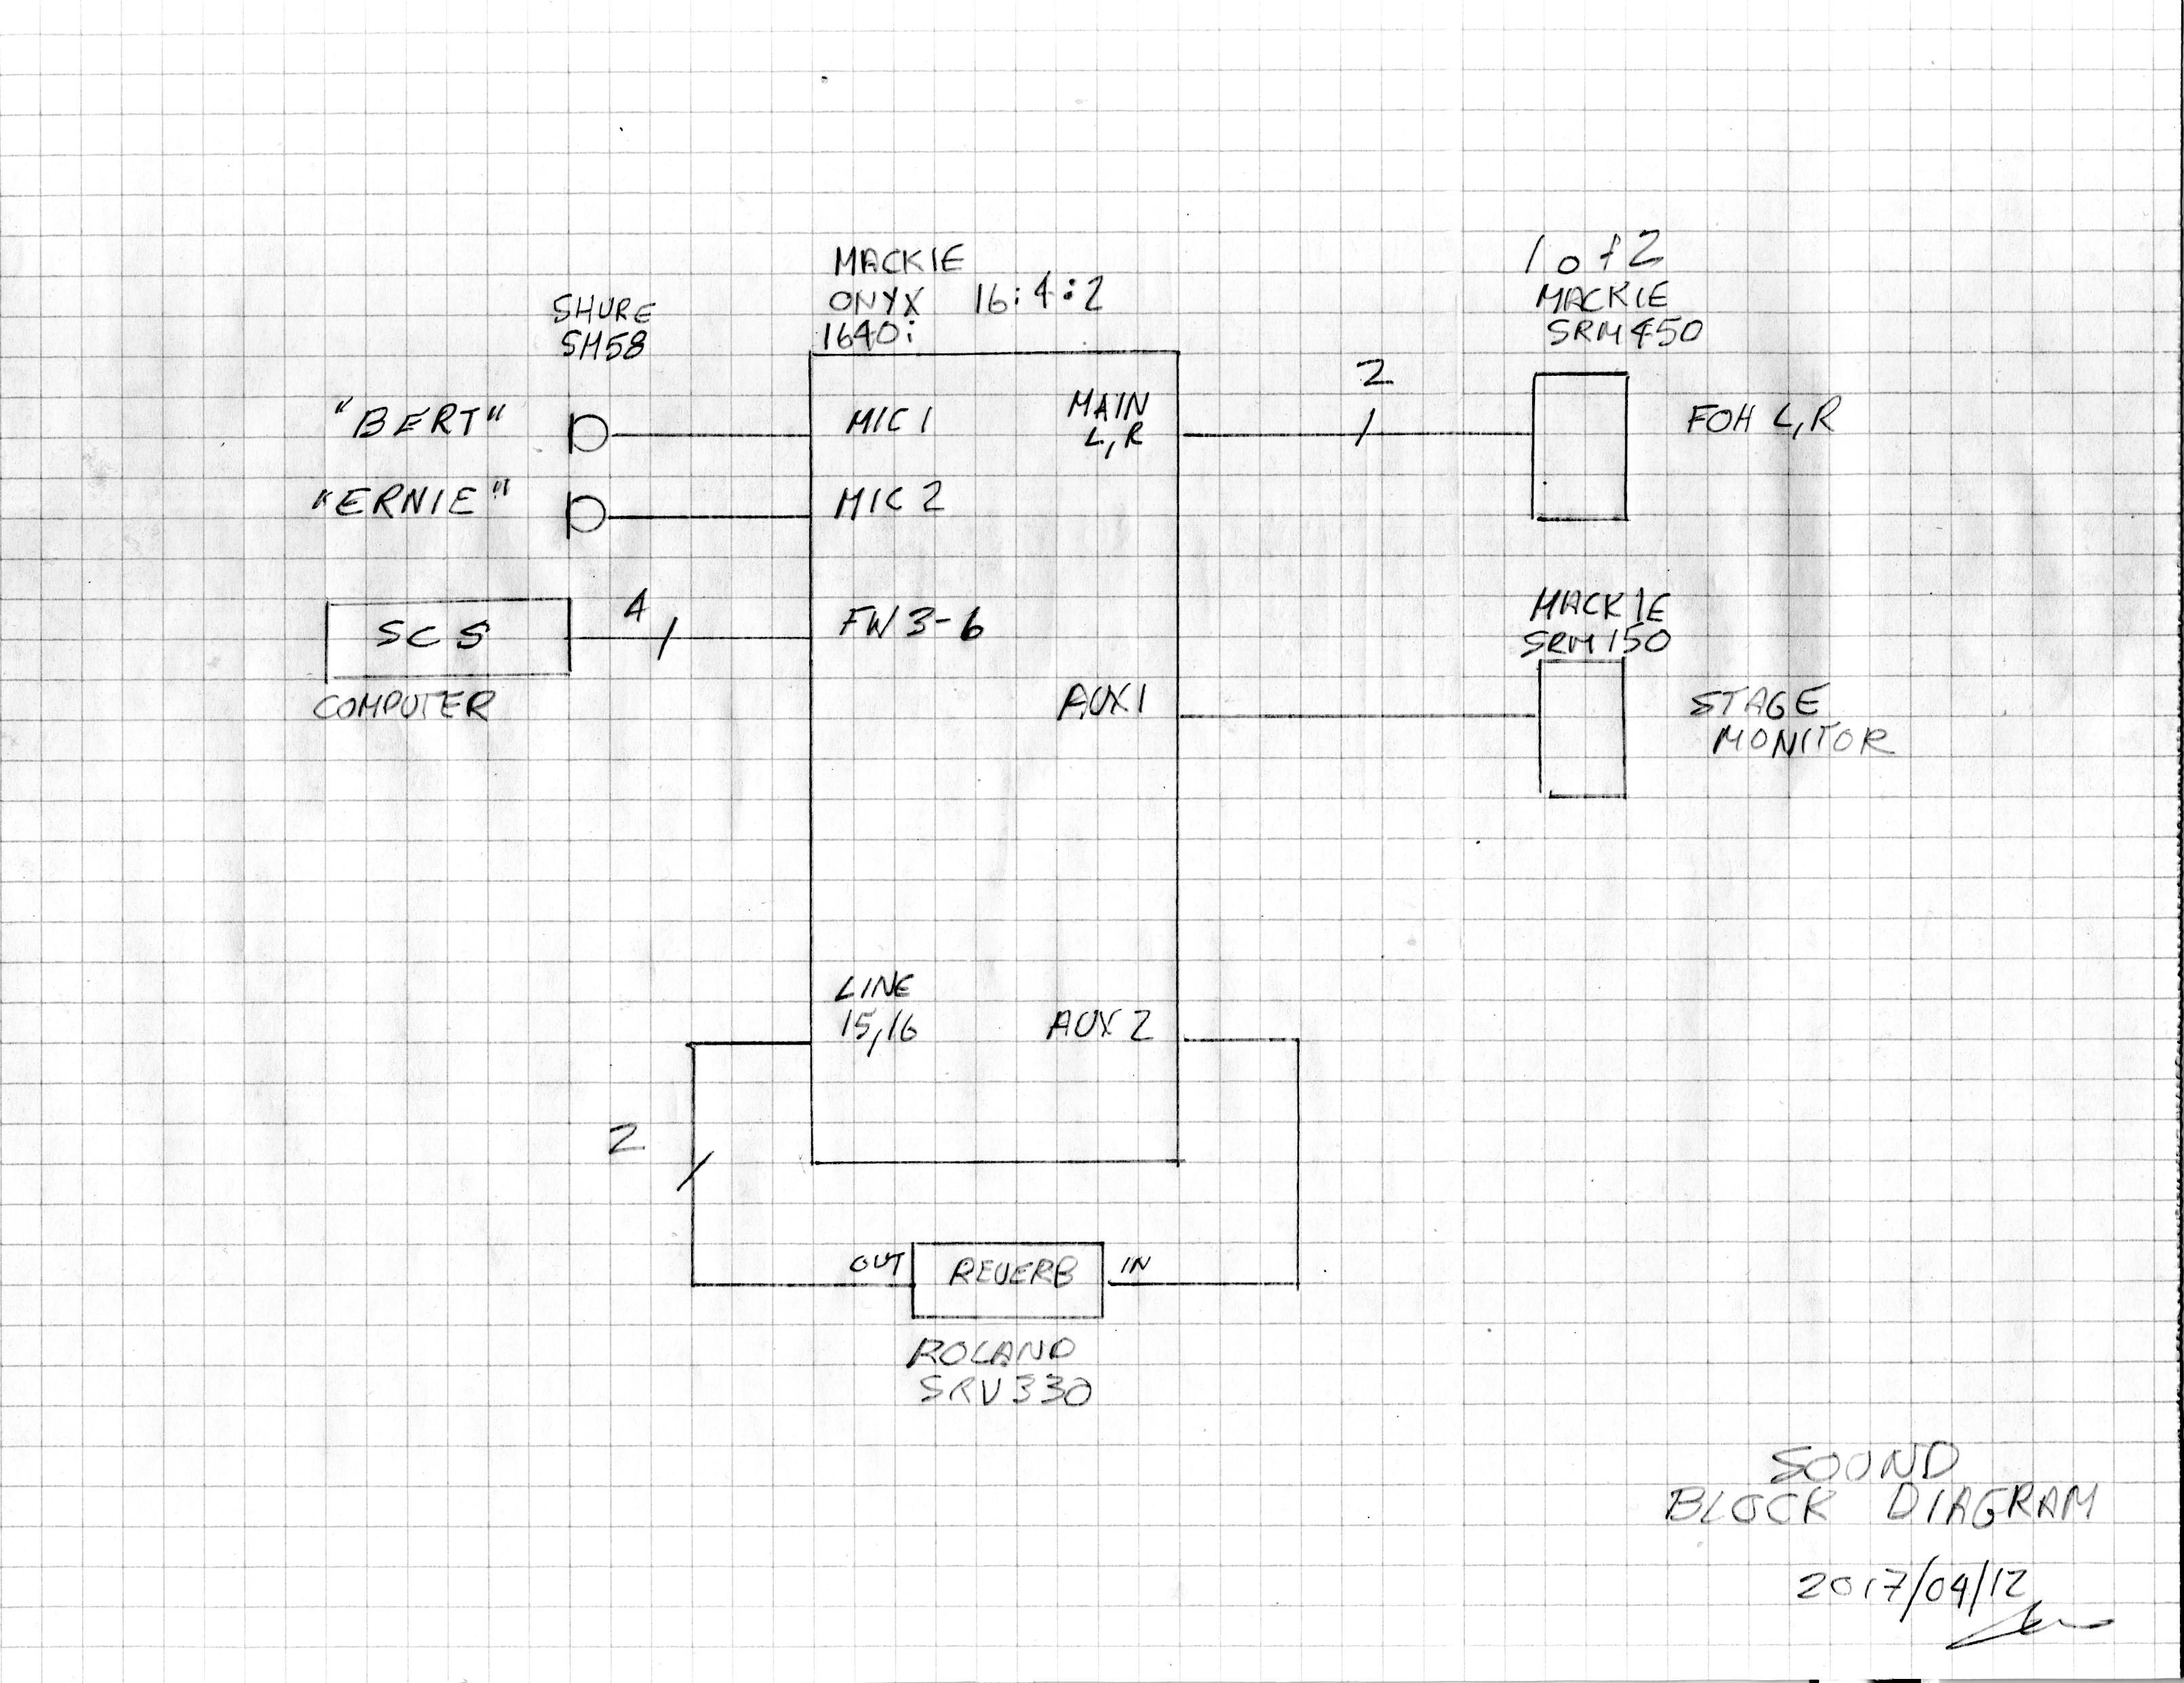 Sound Block Diagrams